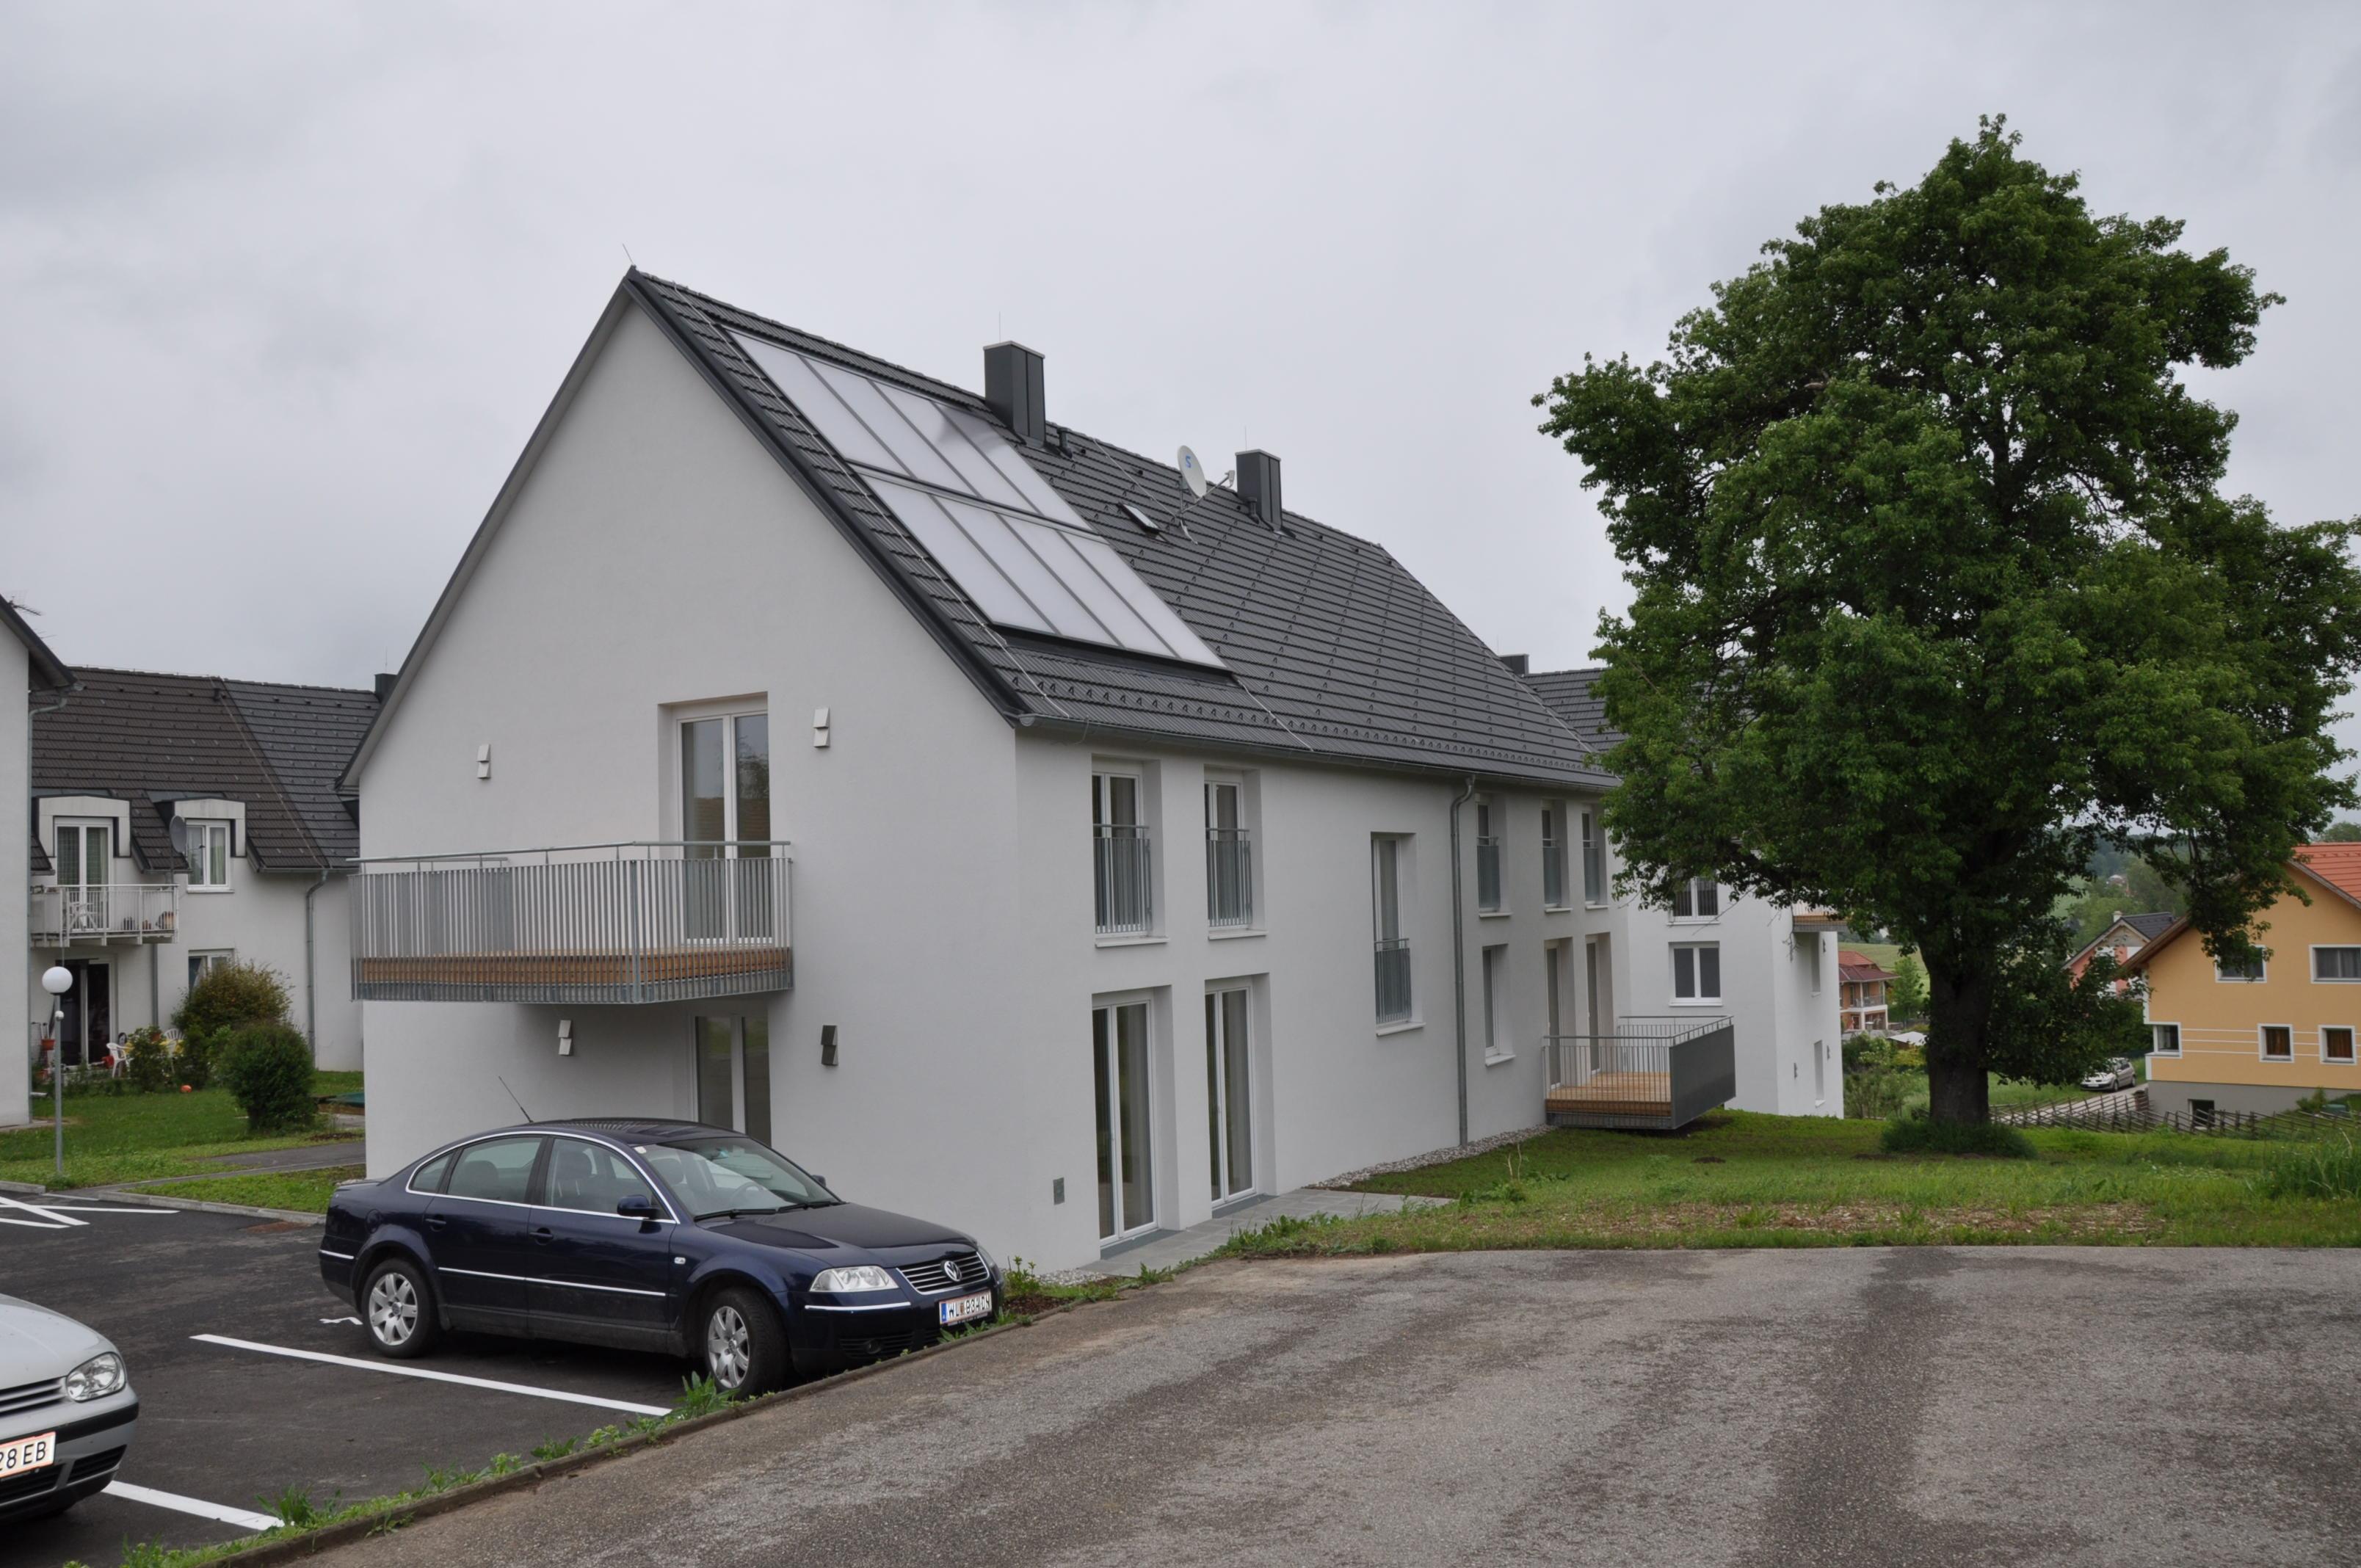 Immobilie von LAWOG in Voglhub 3/1, 4671 Aichkirchen #0